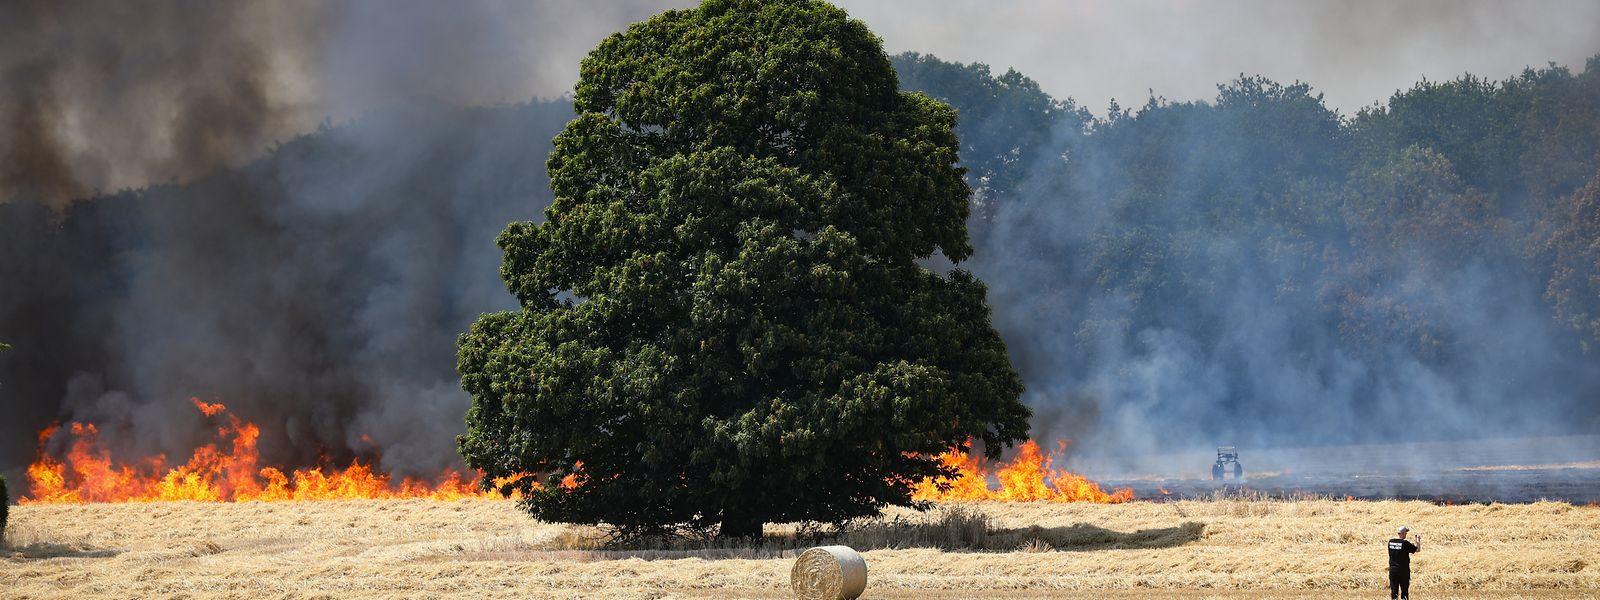 Sommer 2019: Während einer Hitzewelle brach in Hamm ein Feuer aus und griff auf ein anliegendes Waldstück über.